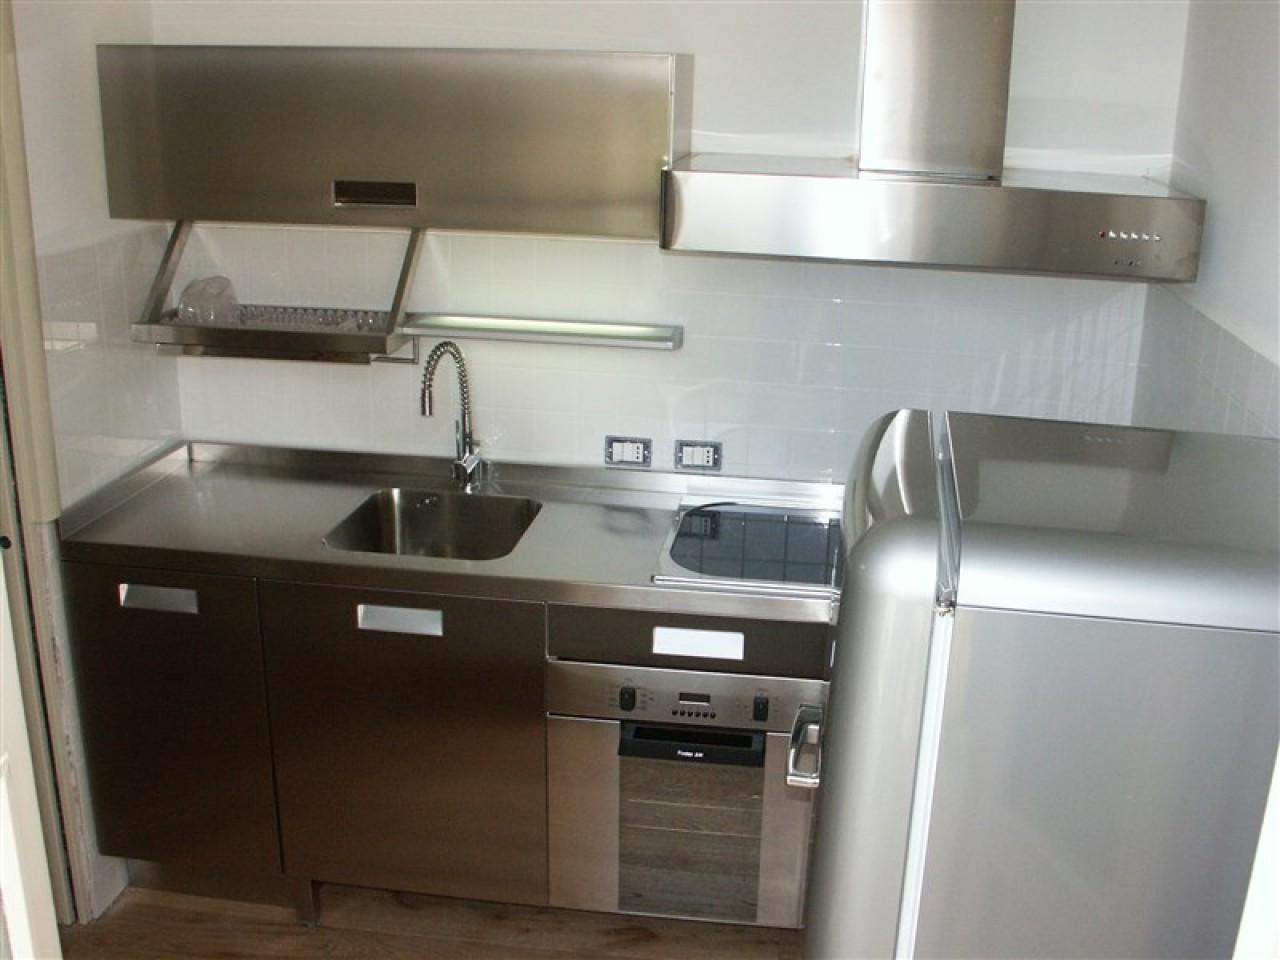 Cucina acciaio inox angolare progetti borlina acciaio - Cucina acciaio inox ...